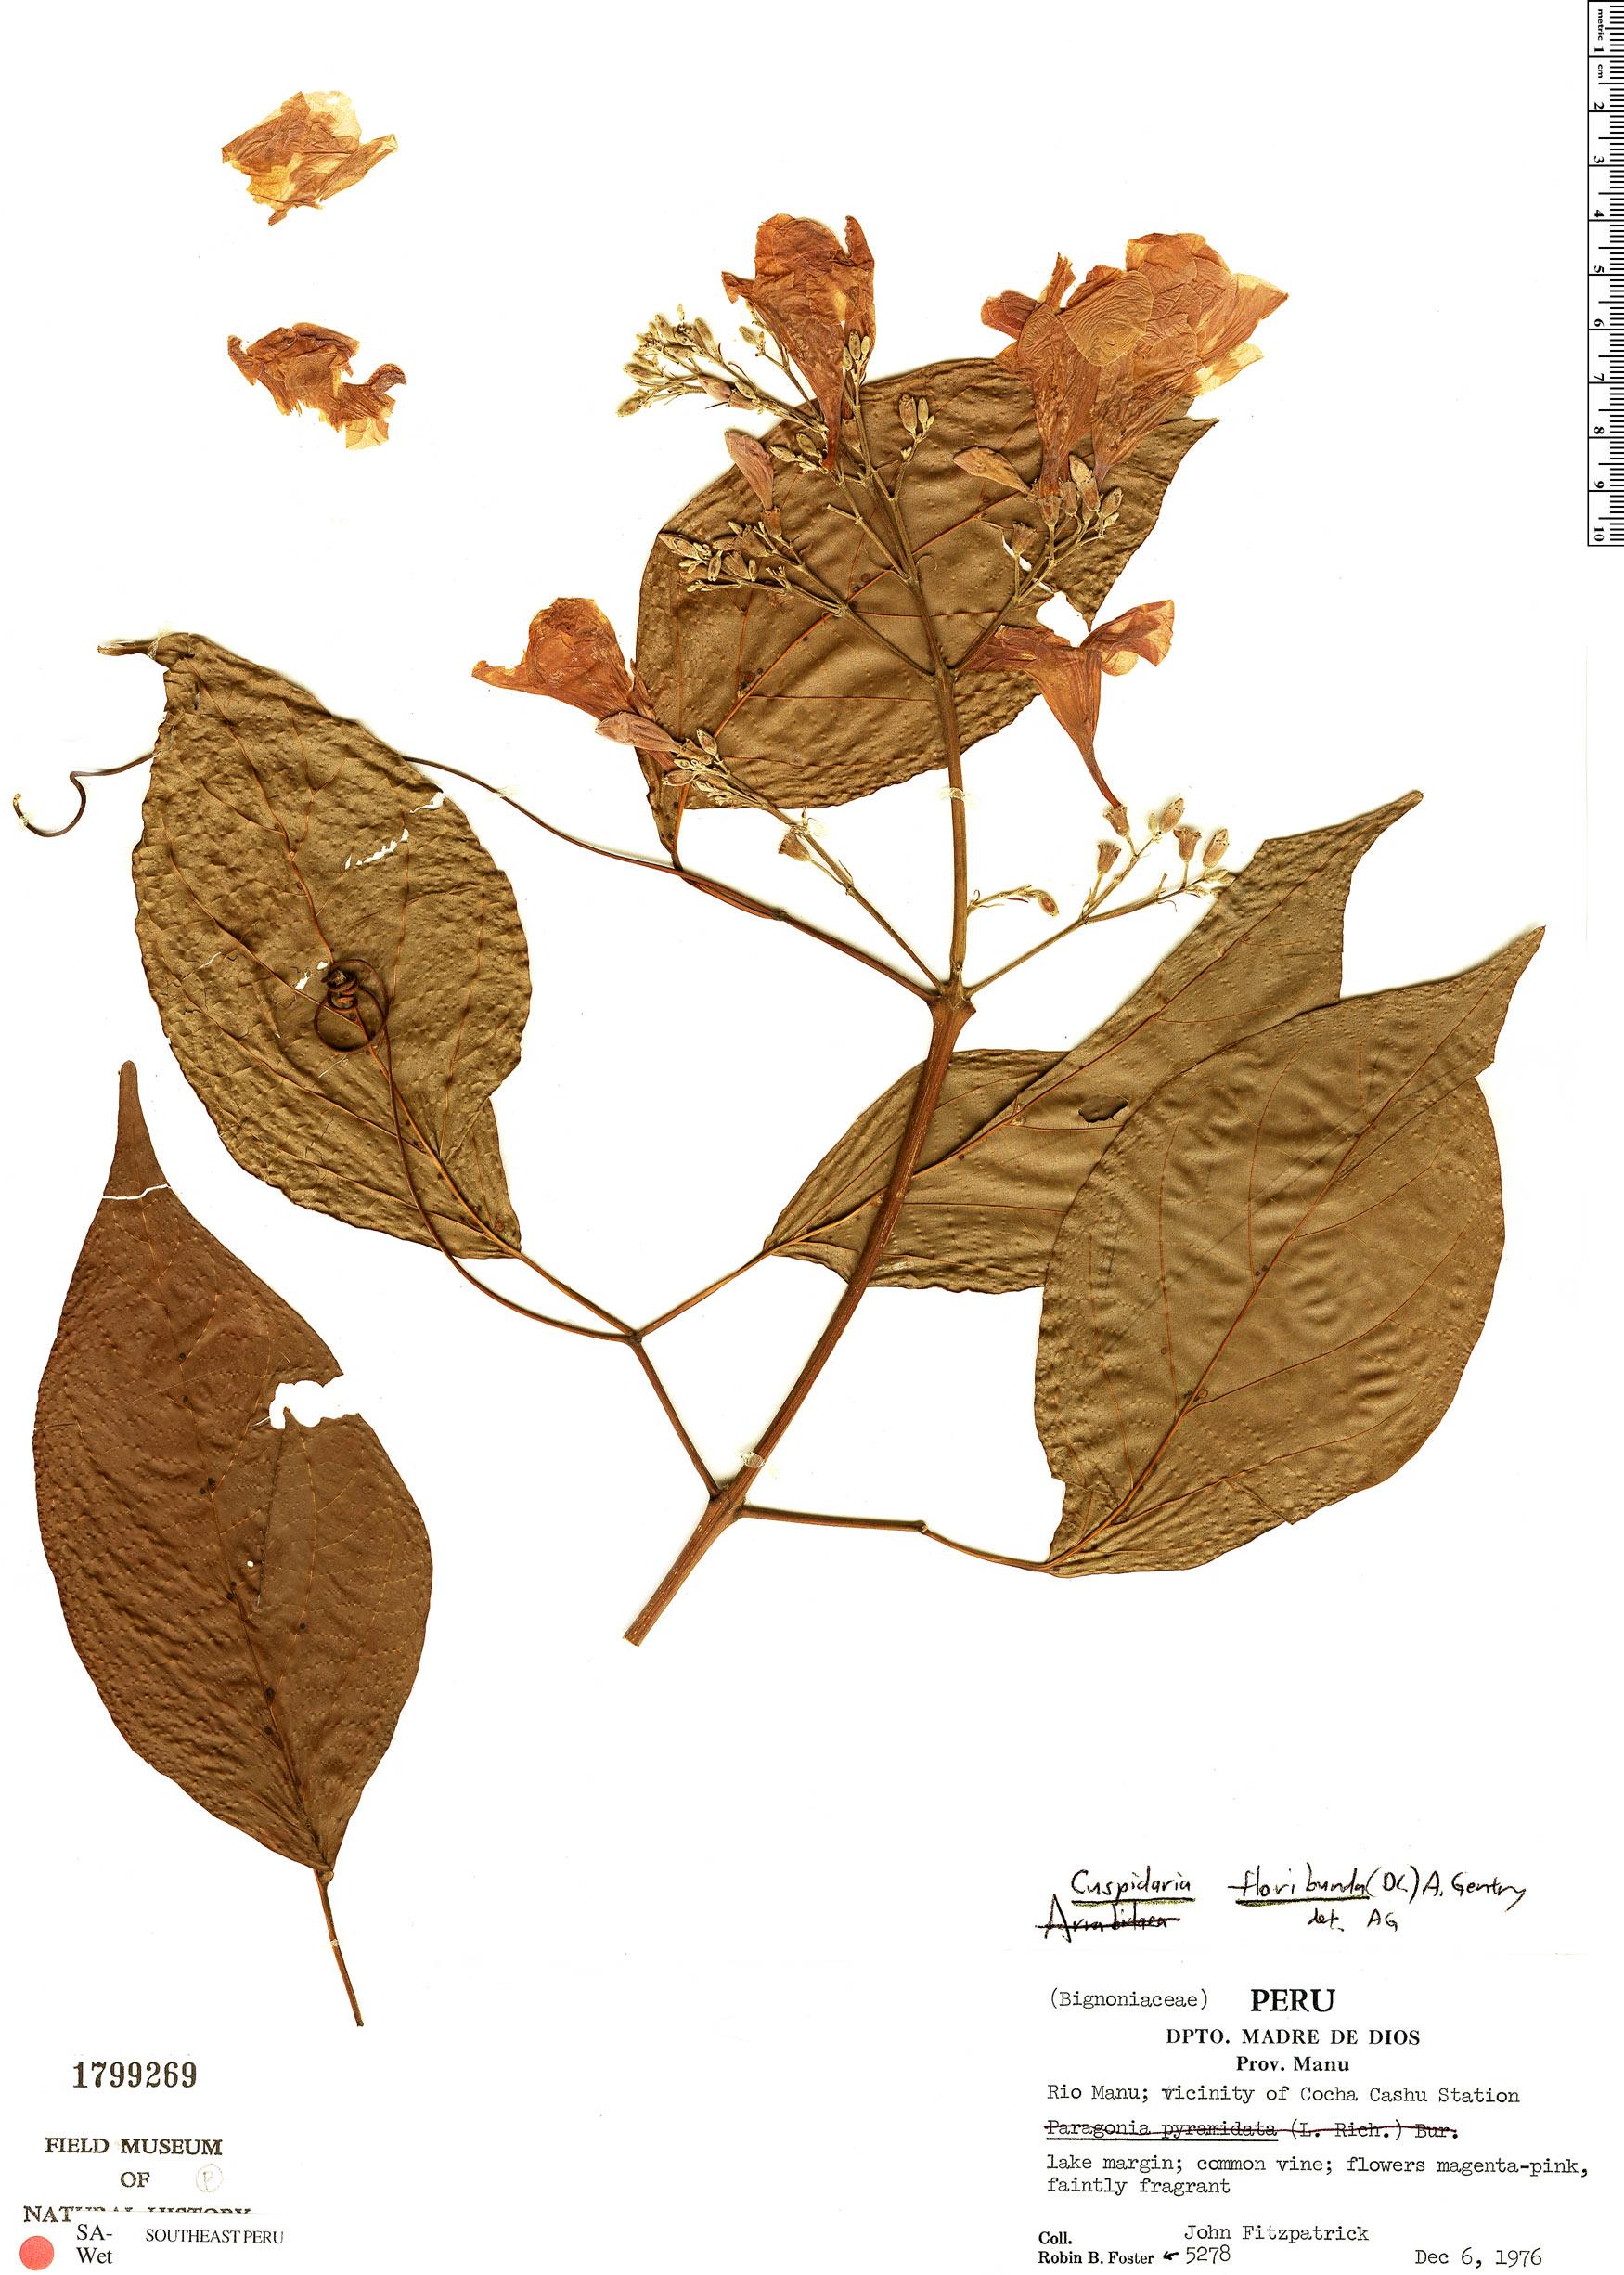 Specimen: Cuspidaria floribunda